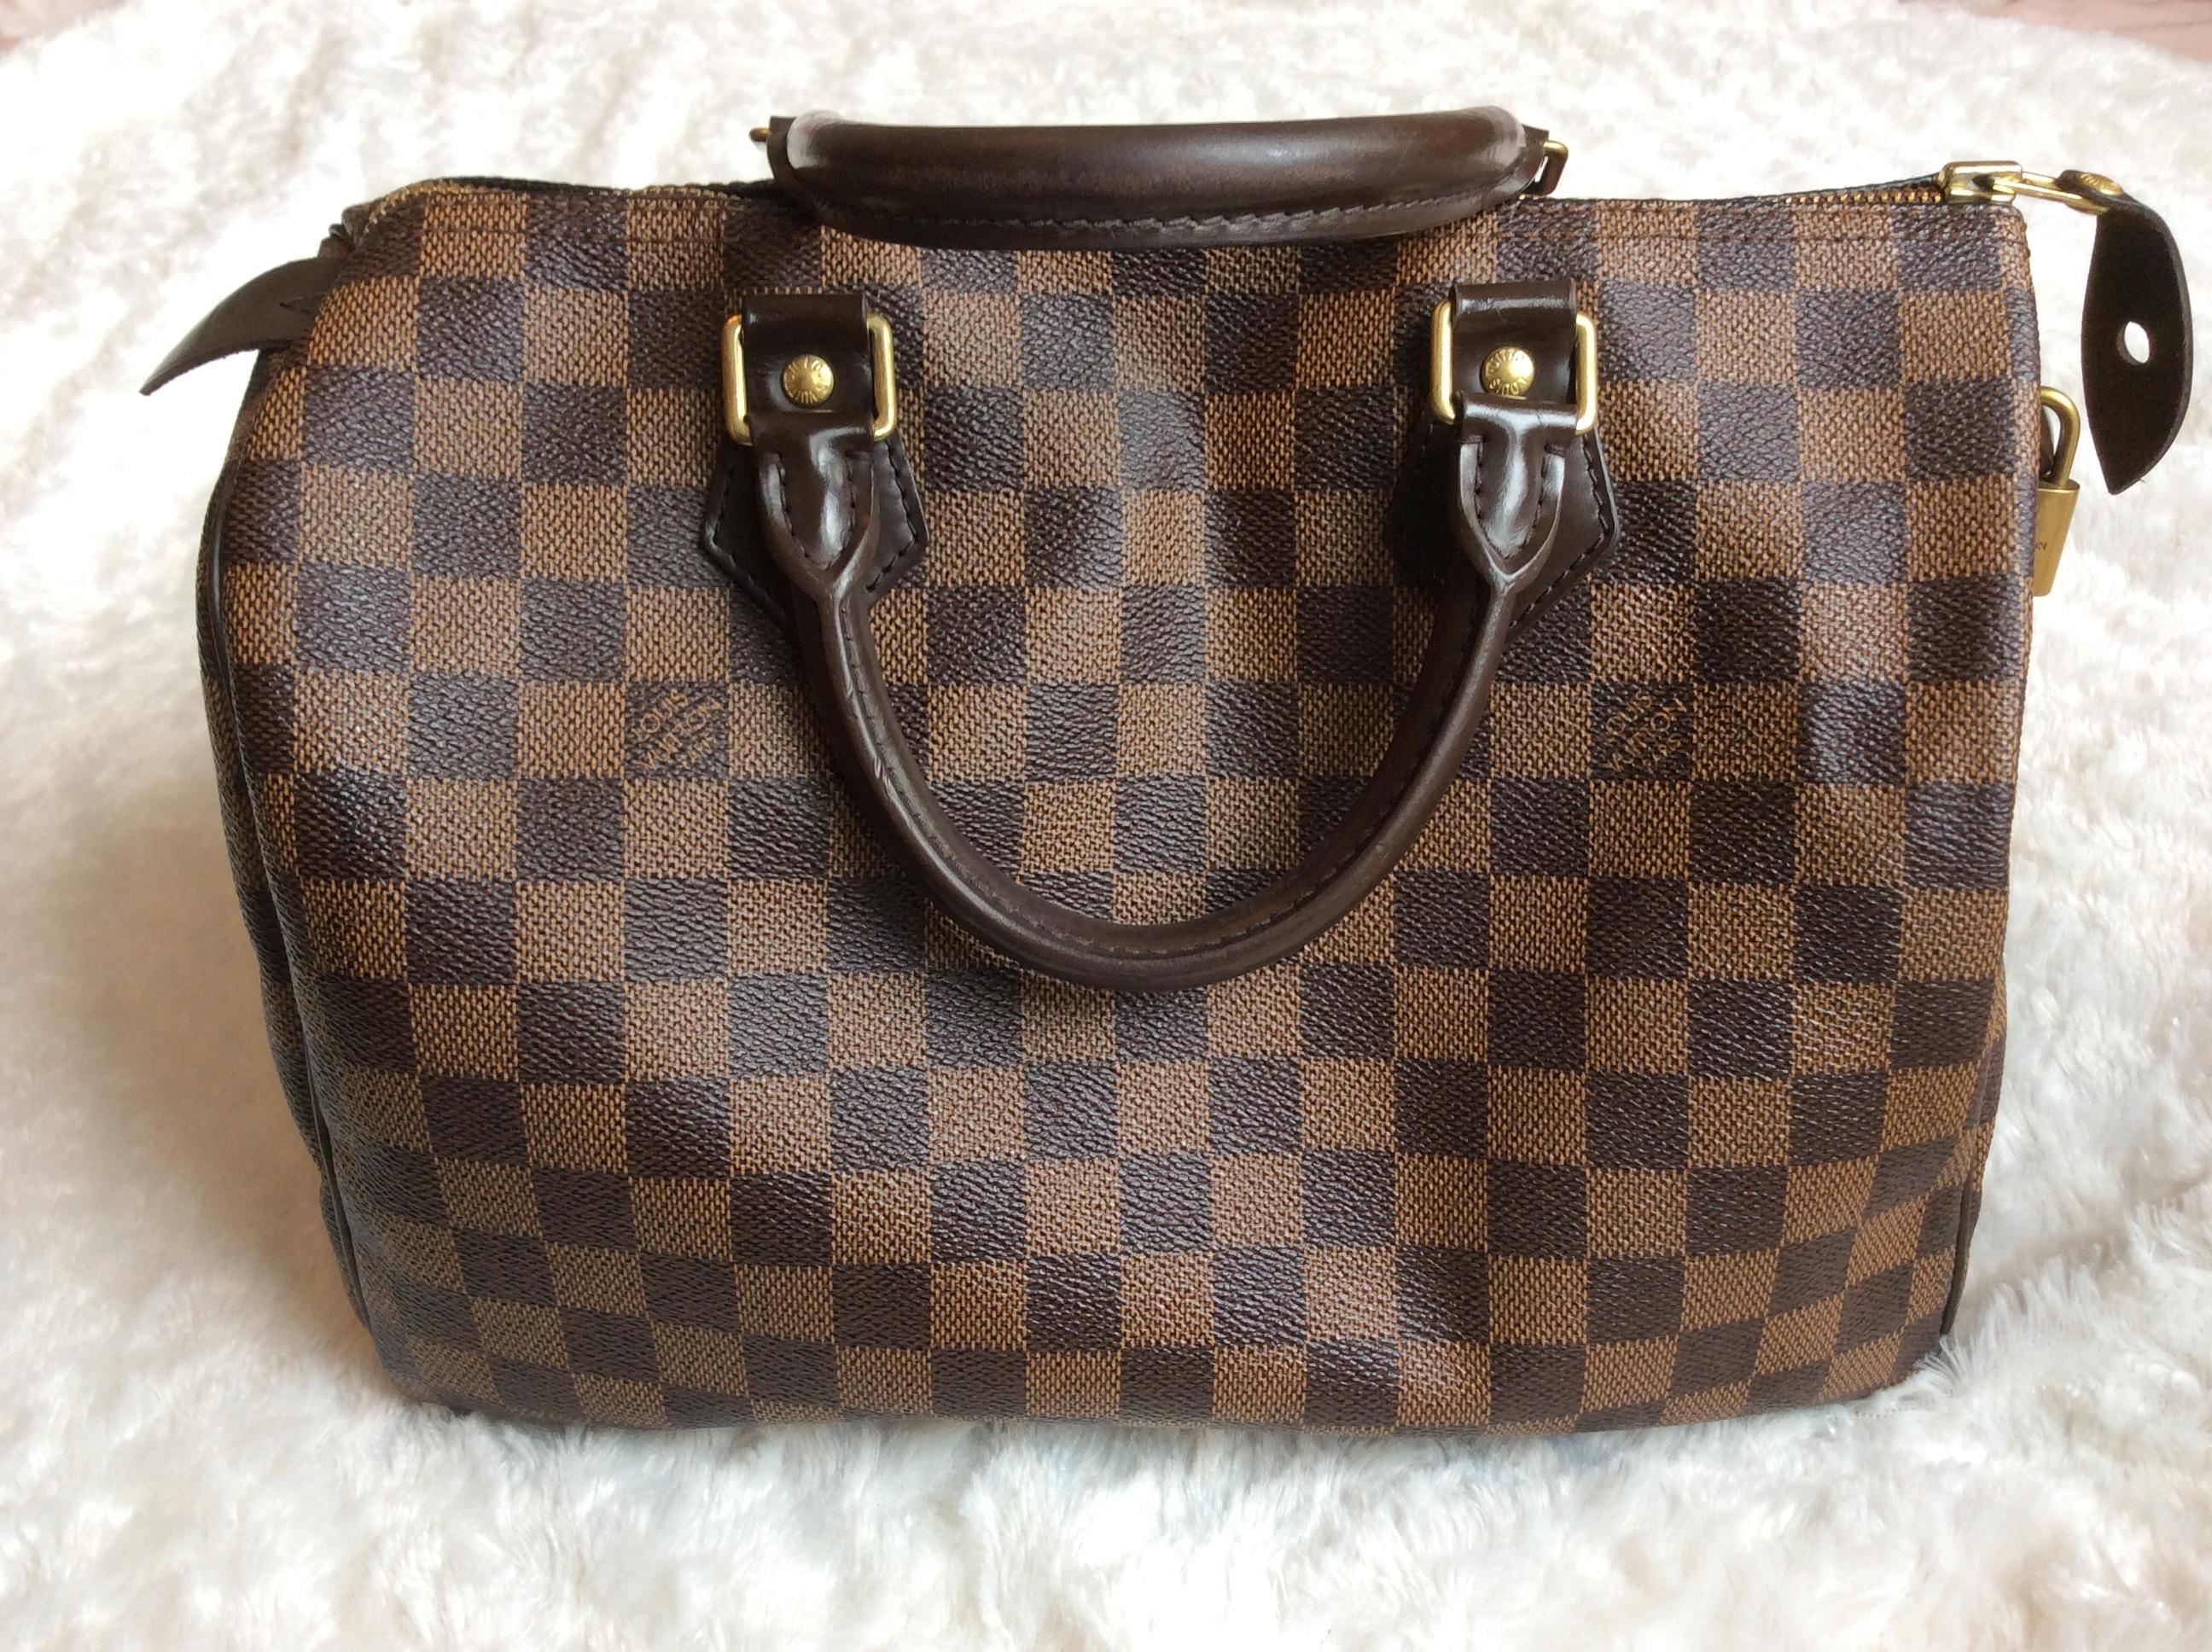 b83f8dd31d57 Купить среднюю сумку Louis Vuitton за 20250 руб. в интернет магазине ...